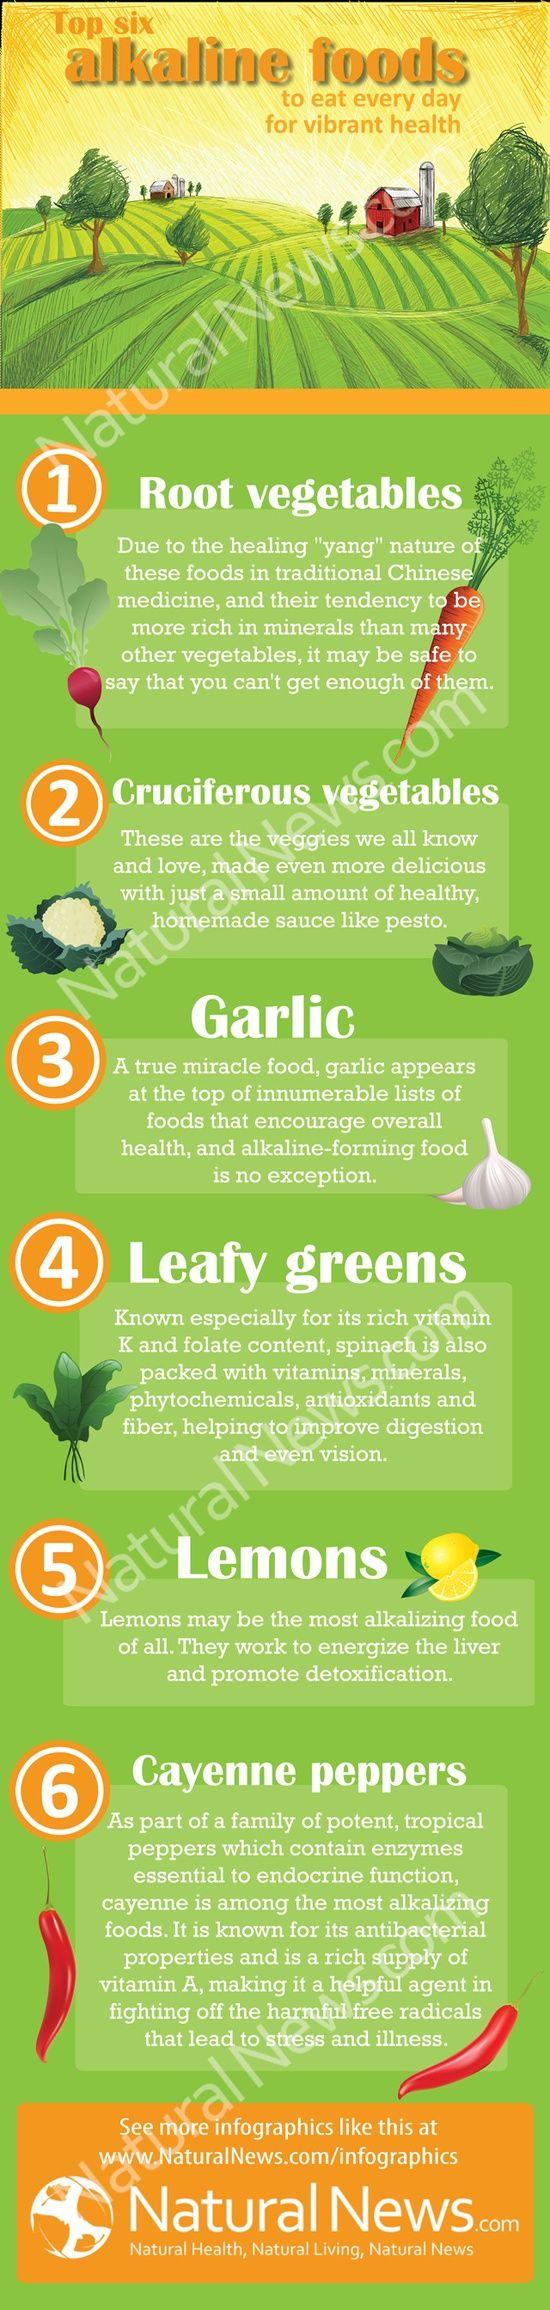 The Top Six Alkaline Foods To Eat